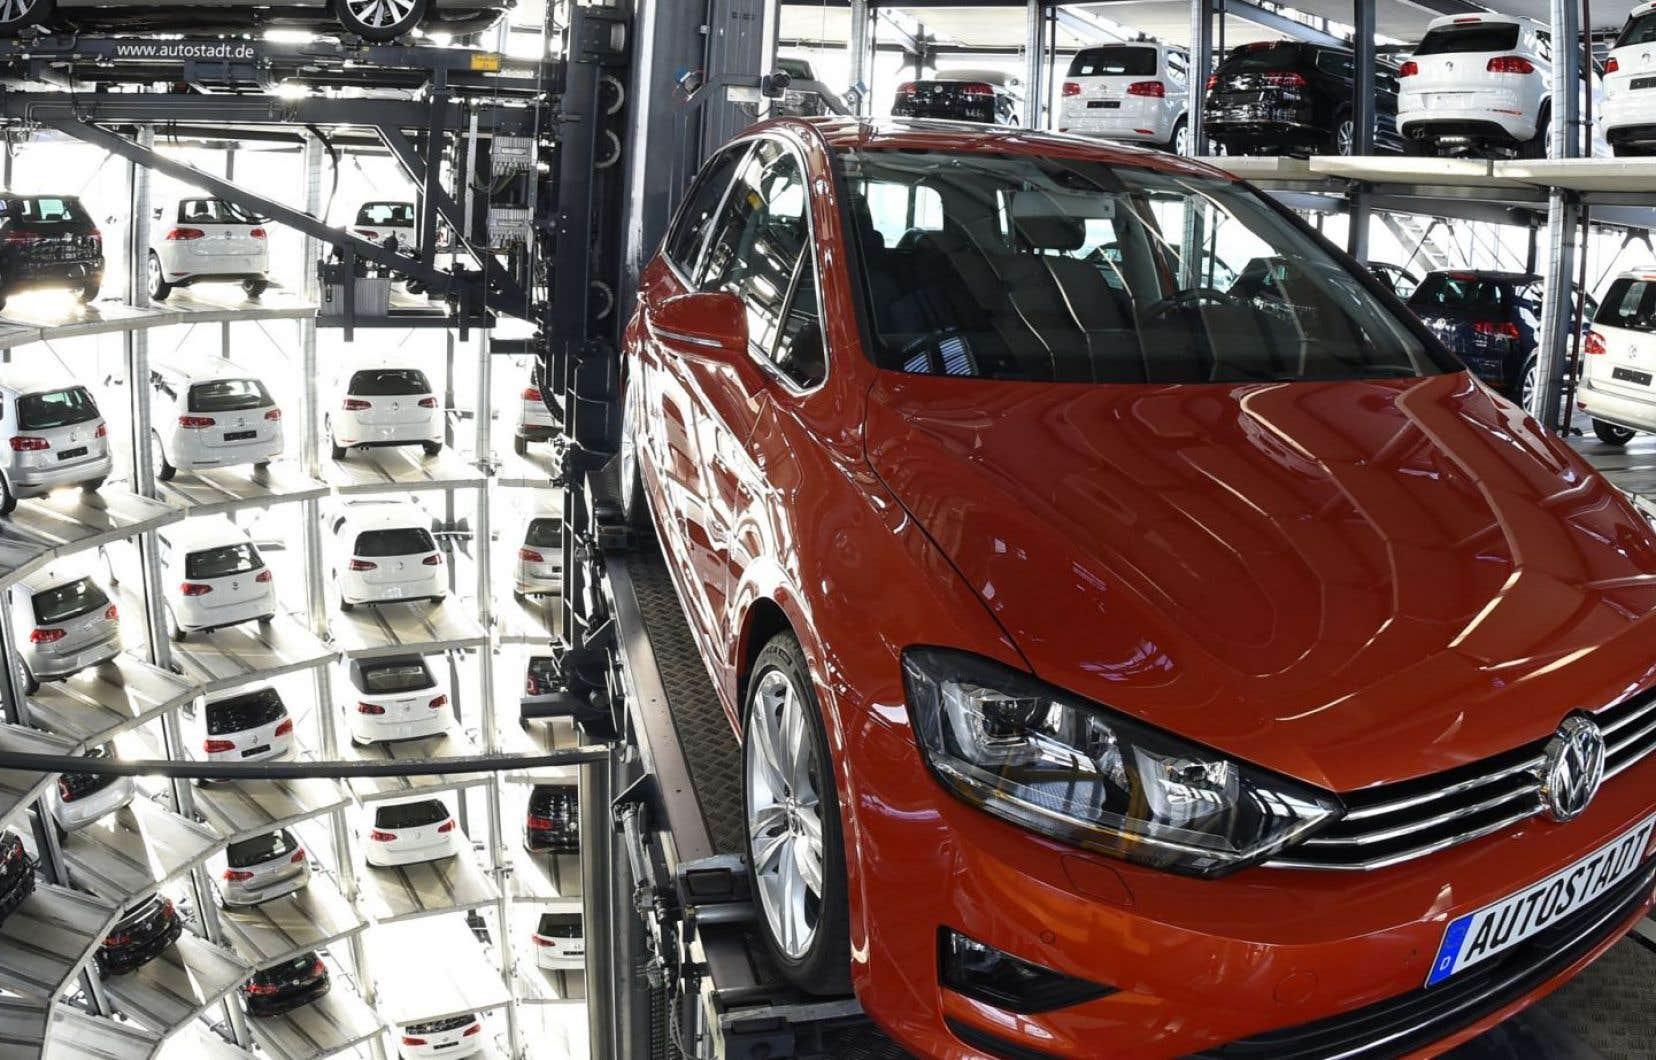 Volkswagen a avoué en septembre 2015 avoir installé dans 11 millions de véhicules diesel dans le monde un logiciel capable de les faire passer pour moins polluants.